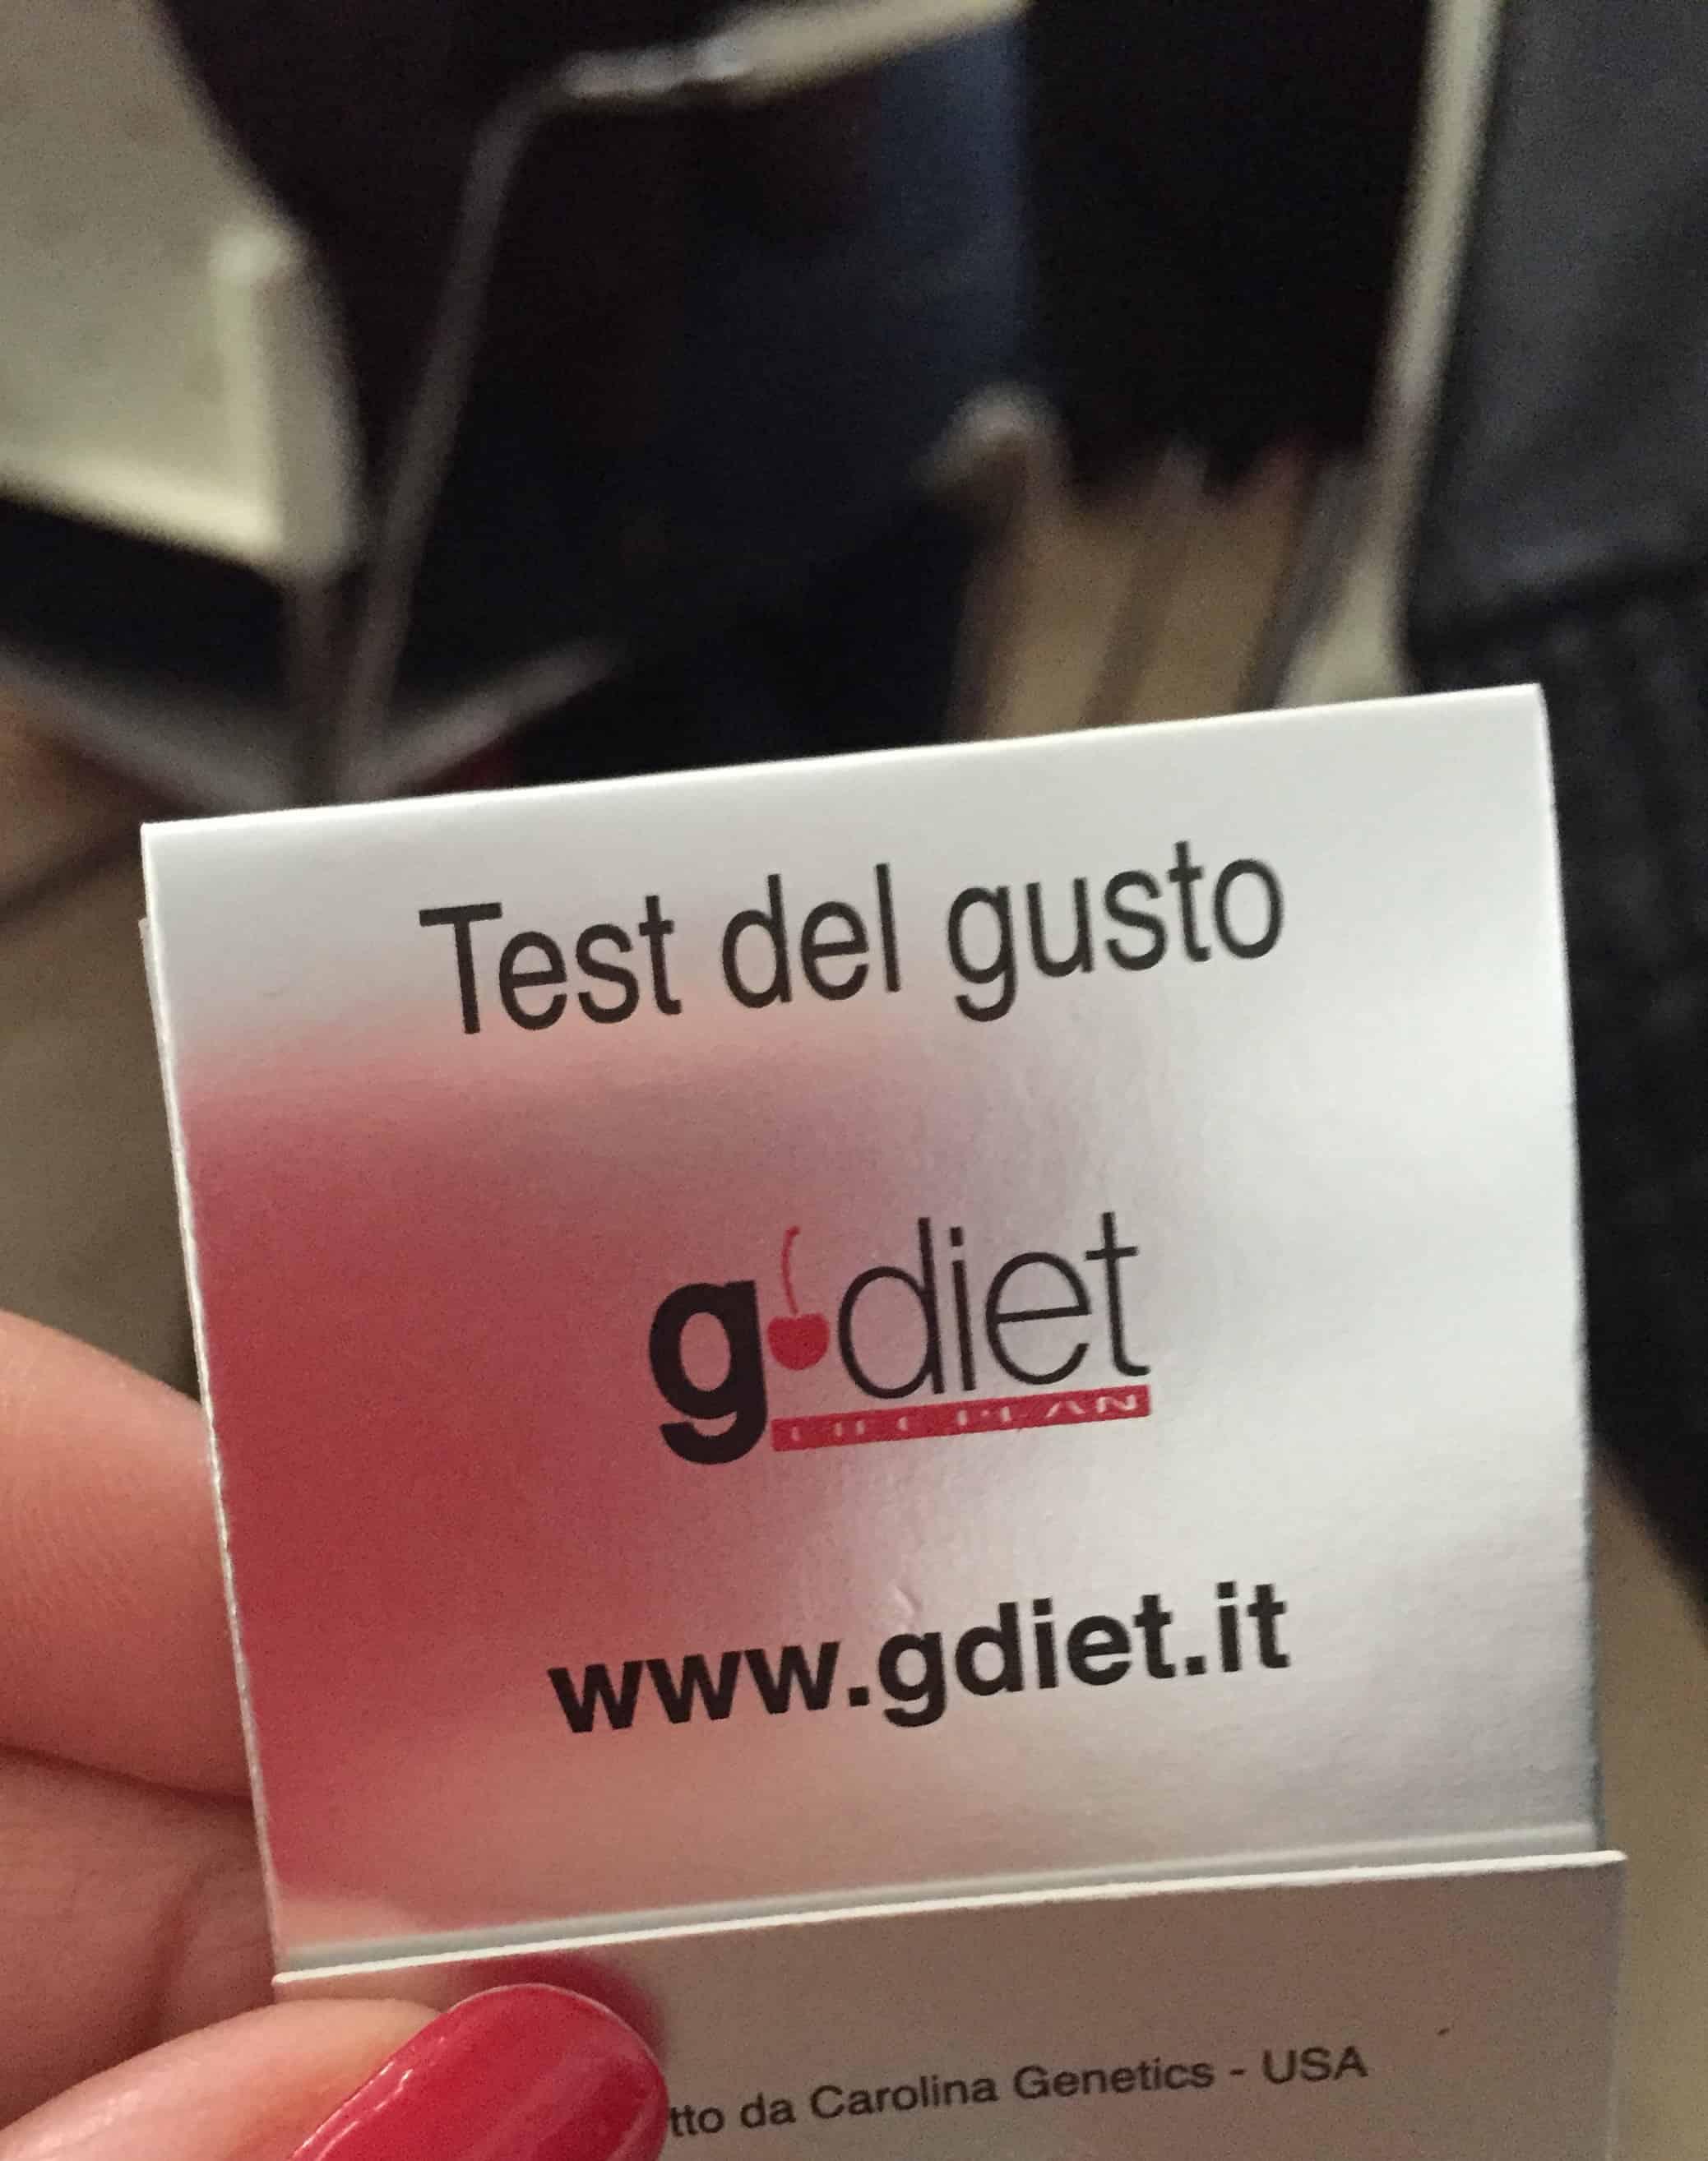 kit g diet